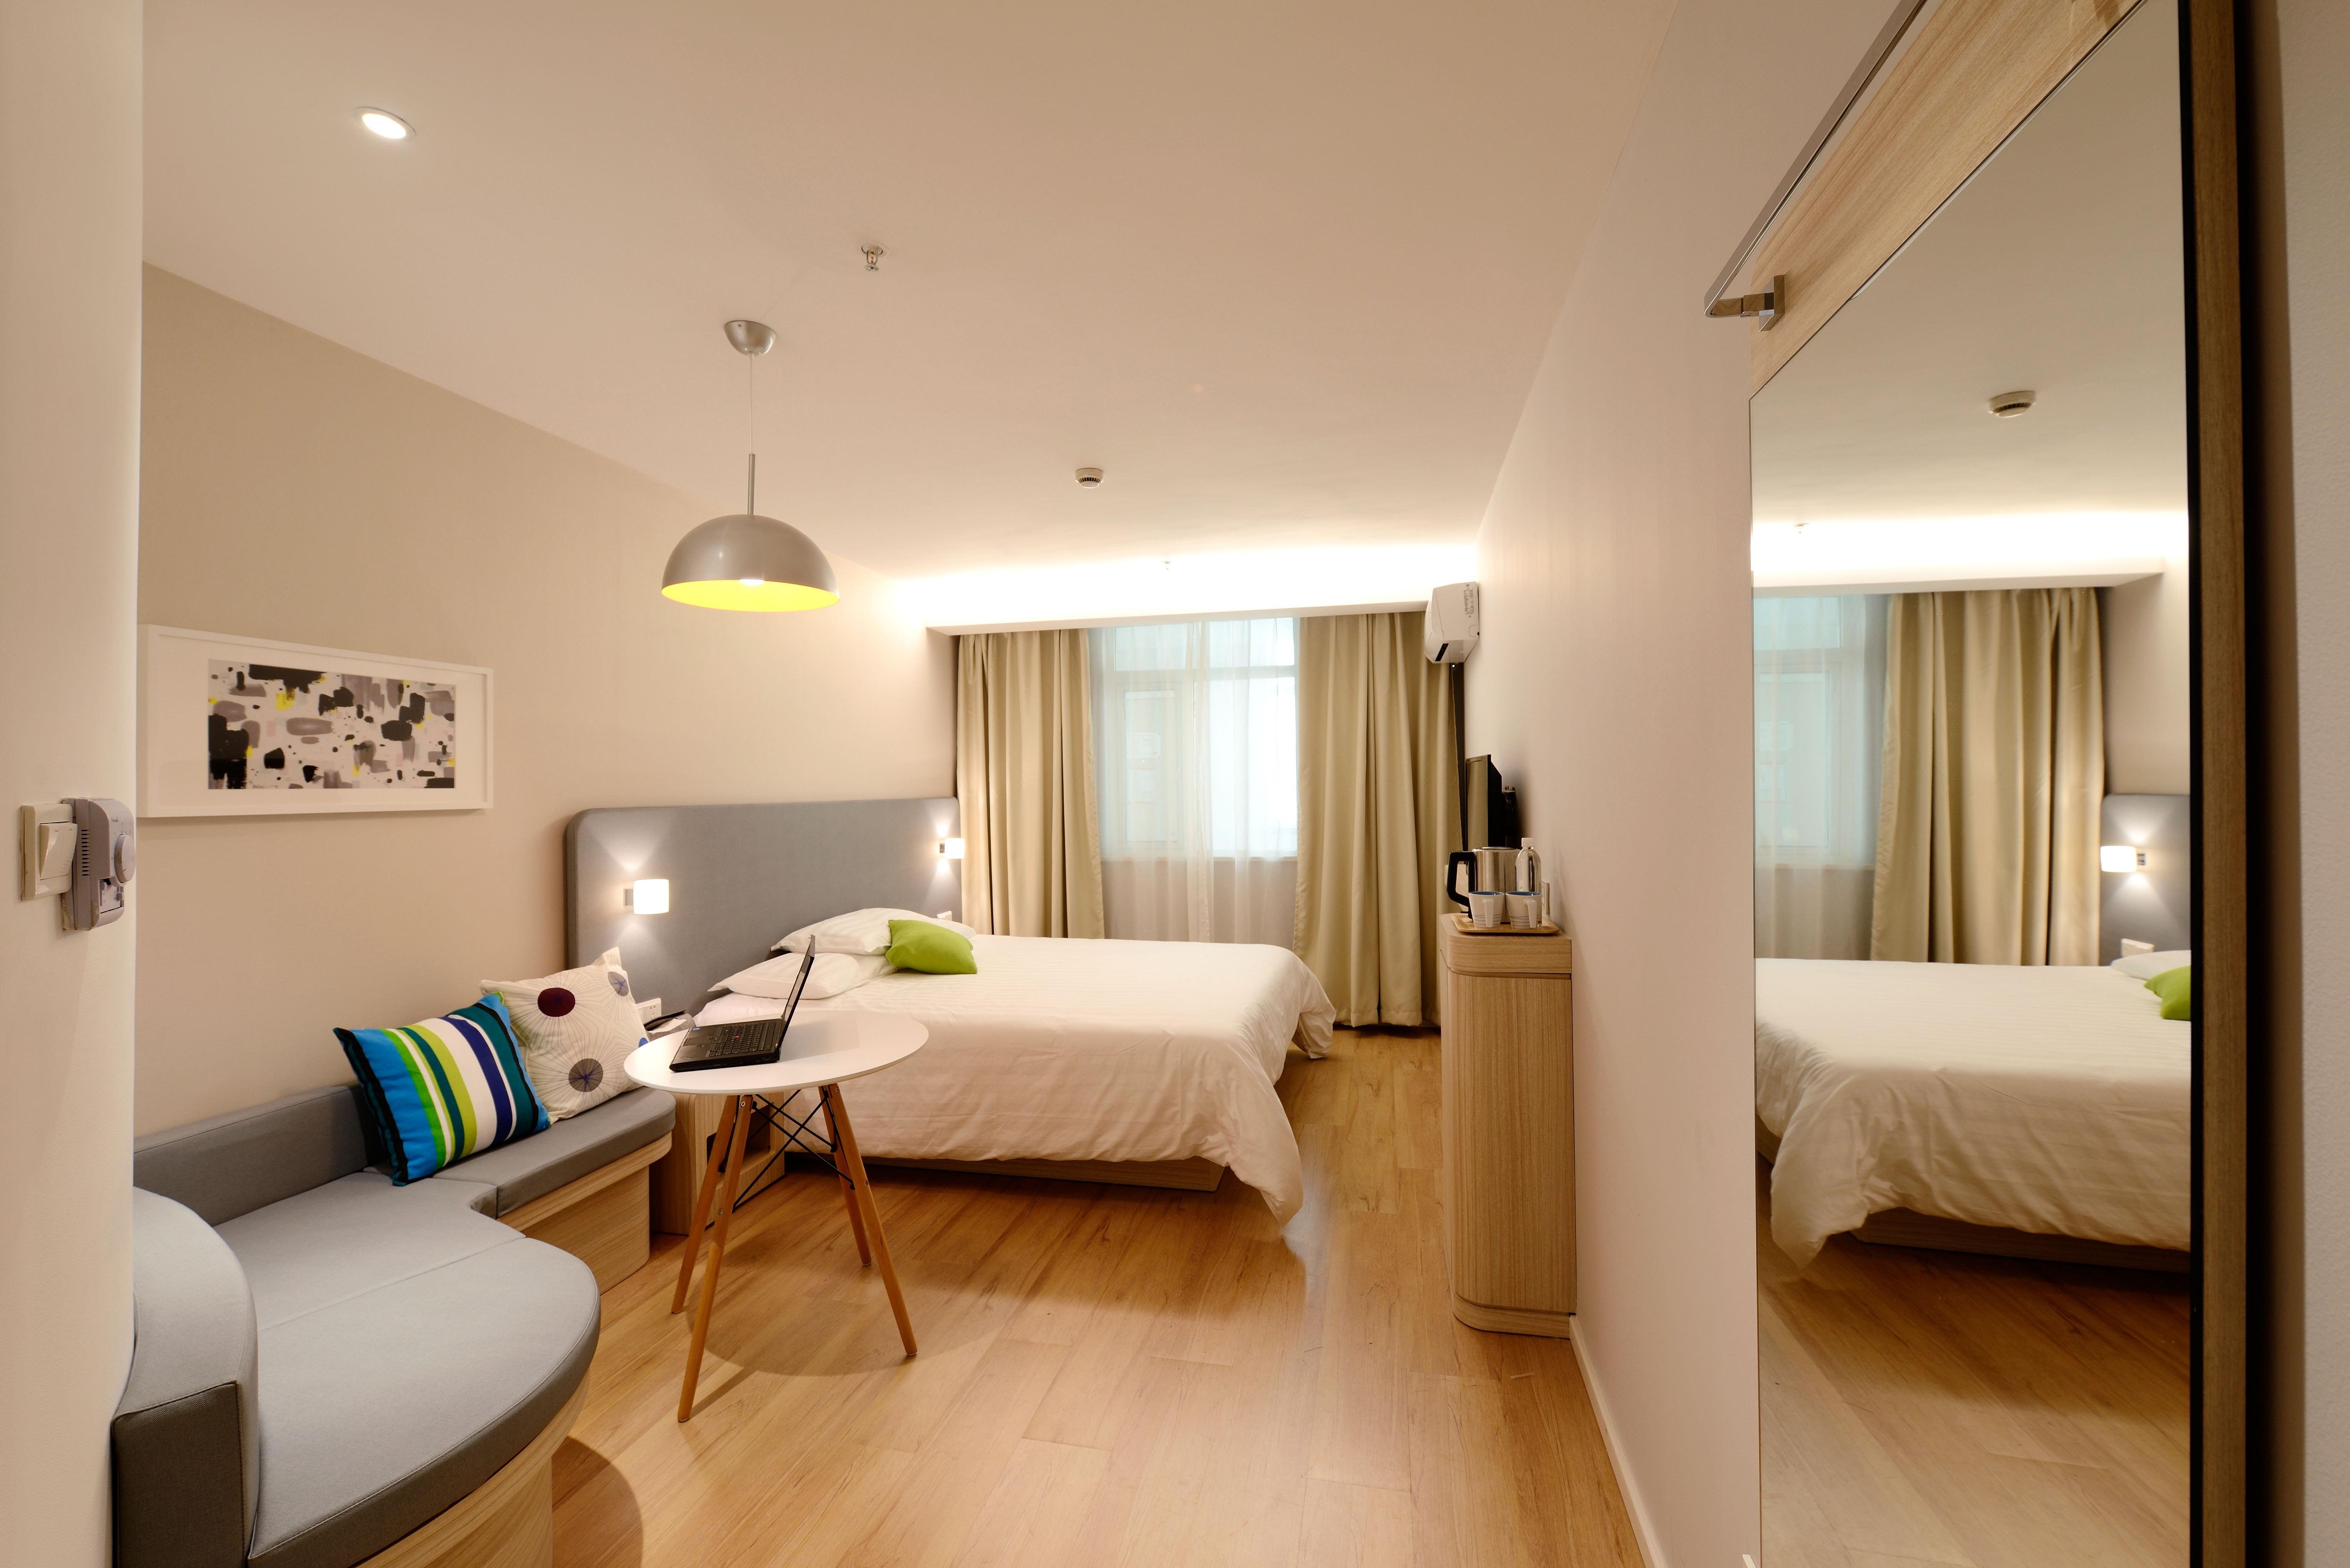 Hotelszobák szőnyegezése, hotelek vendéglátás burkolás